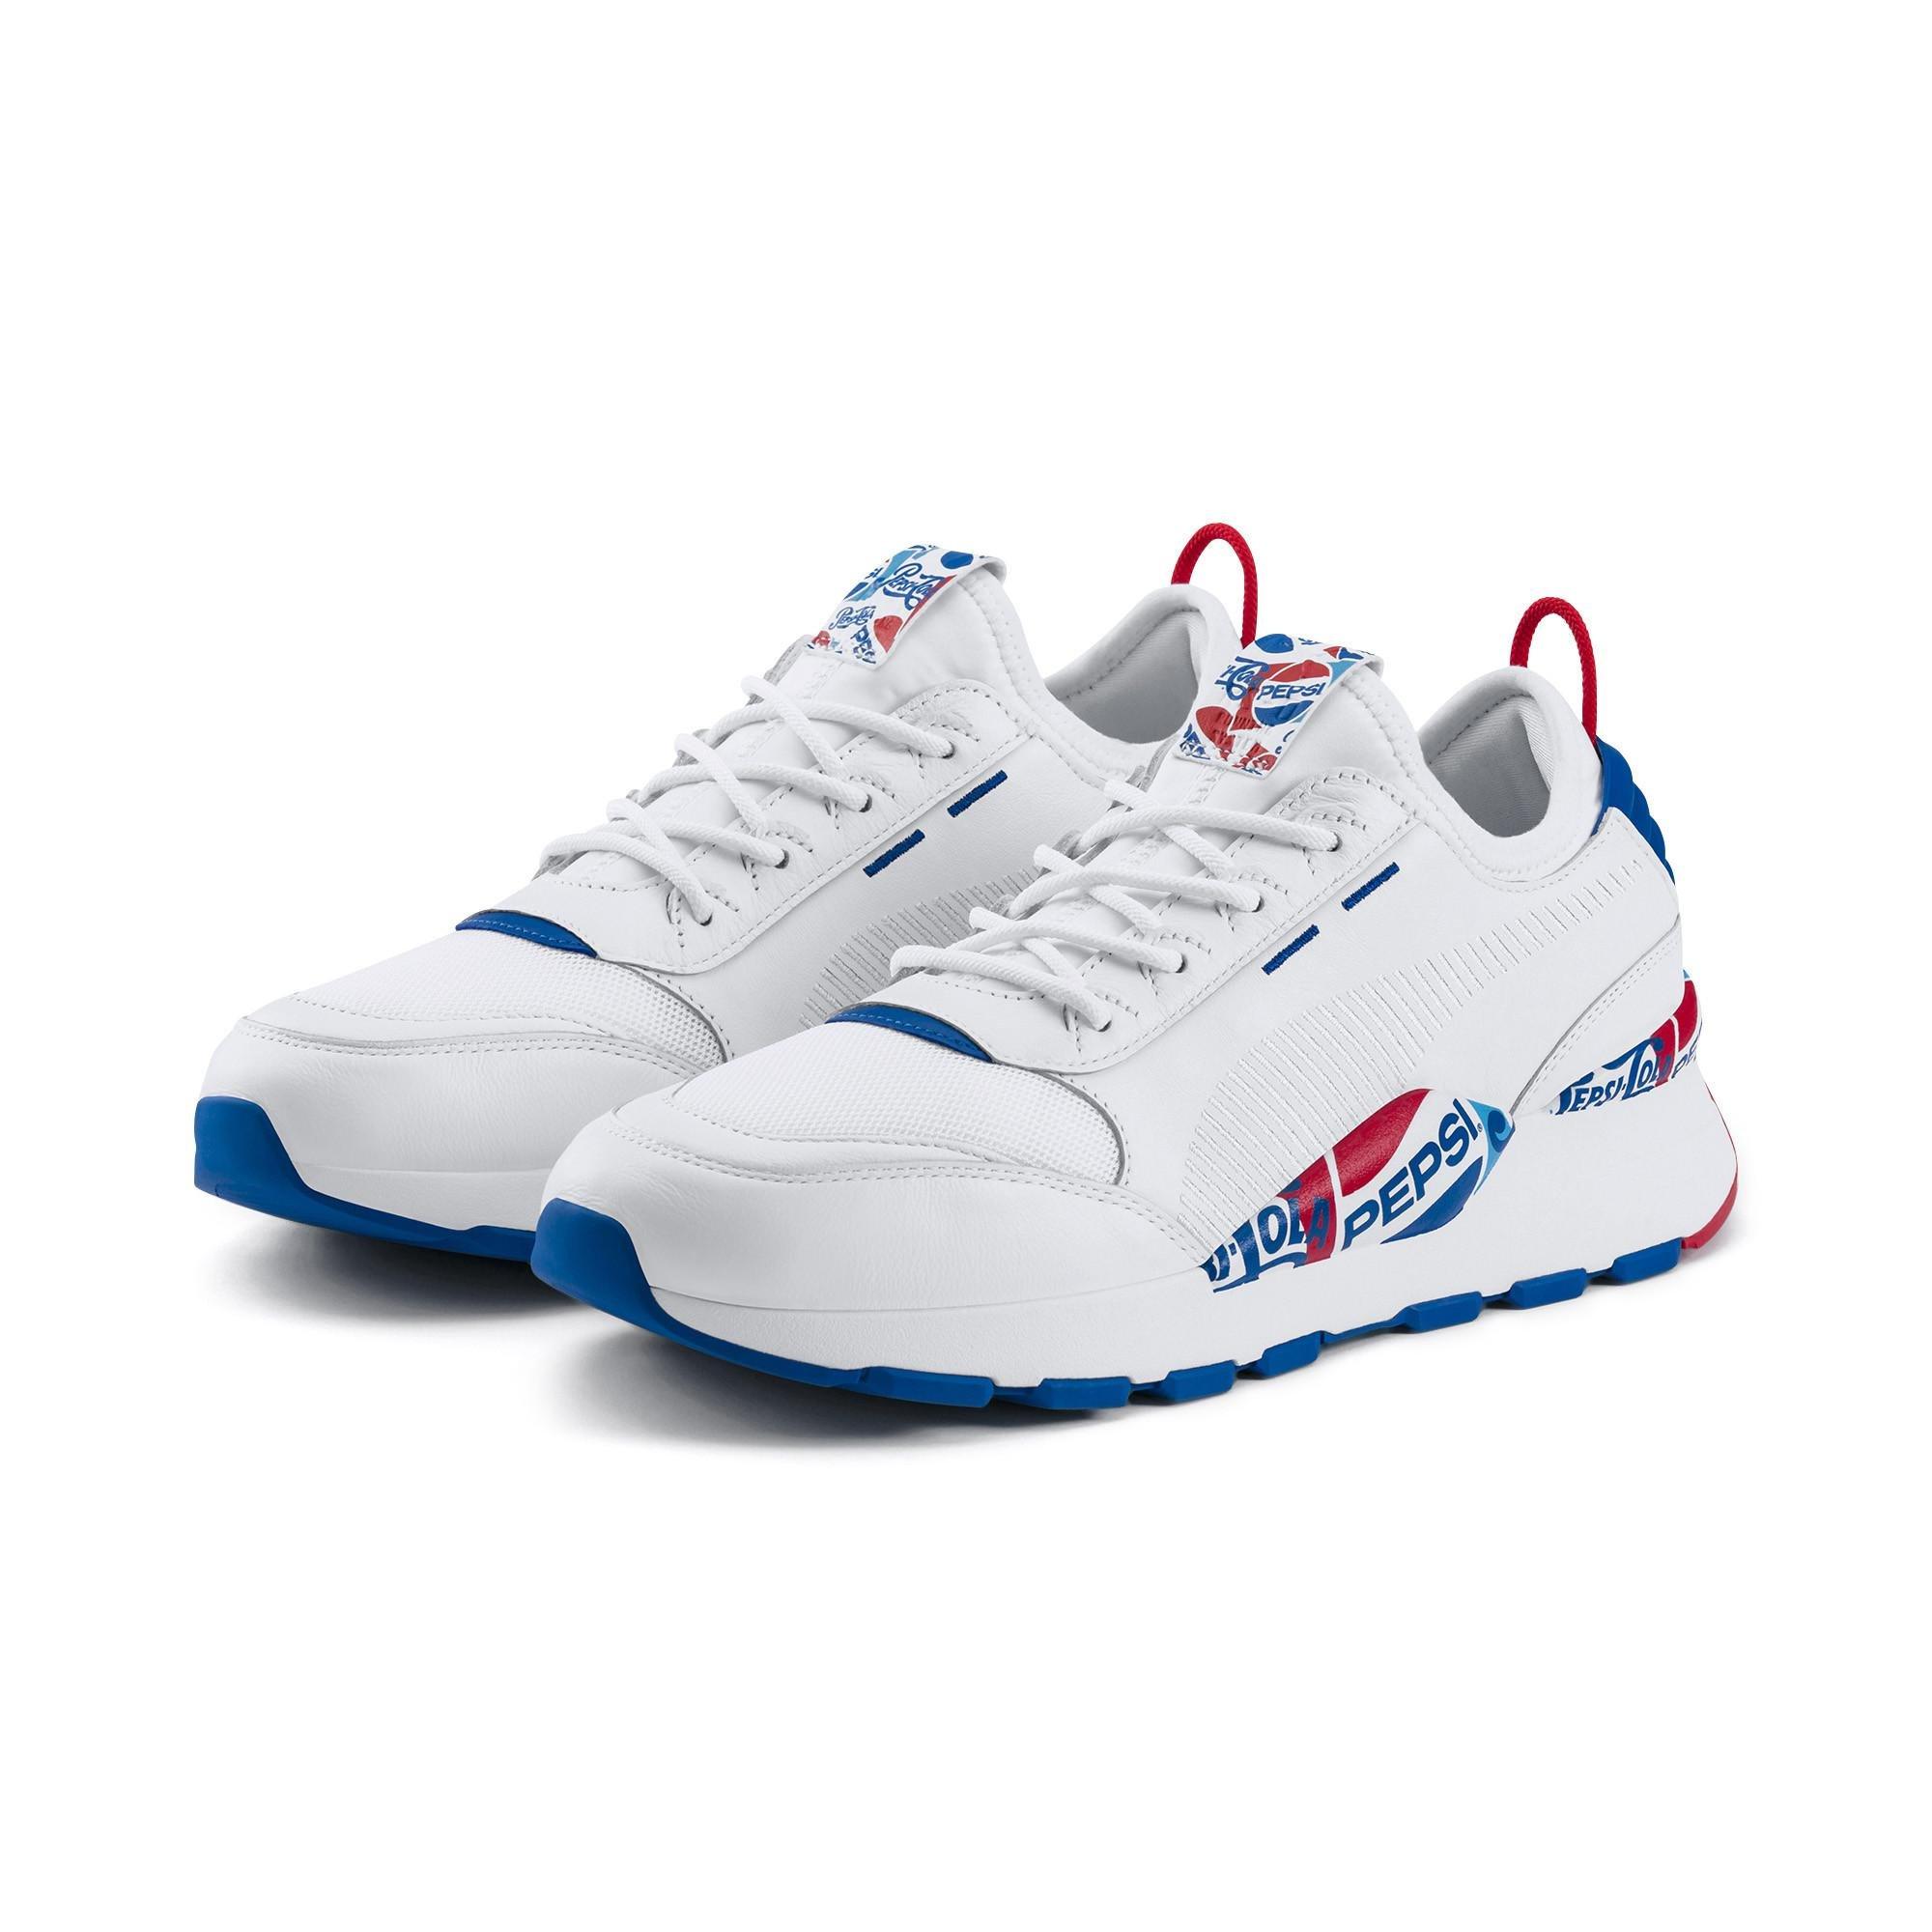 Puma RS 0 X Pepsi Herren Schuhe